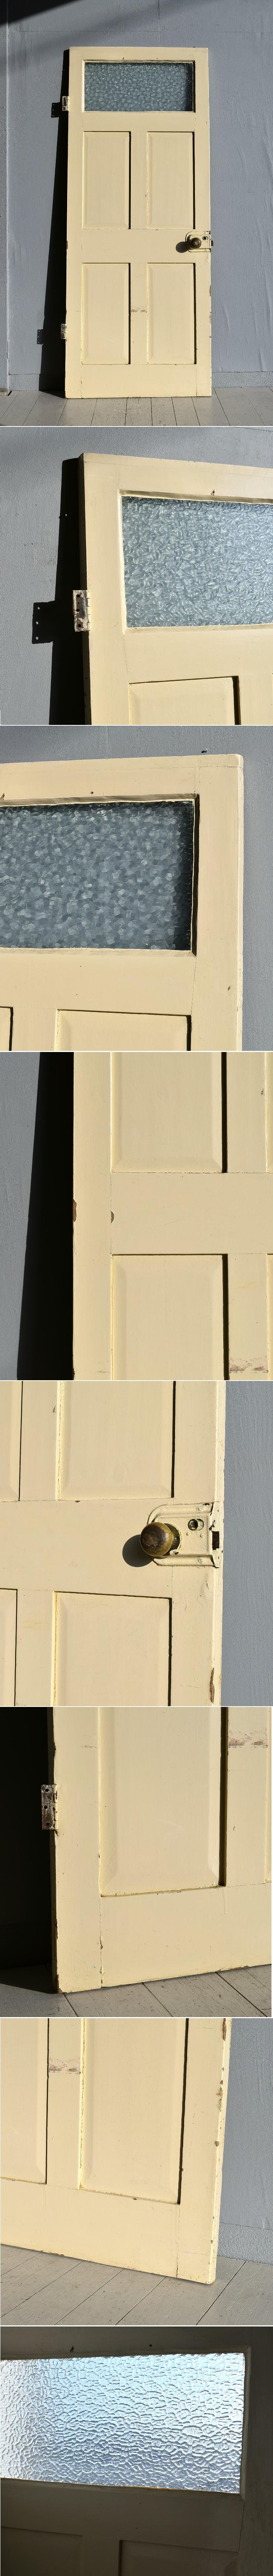 イギリス アンティーク ガラス ドア 扉 ディスプレイ 建具 7698